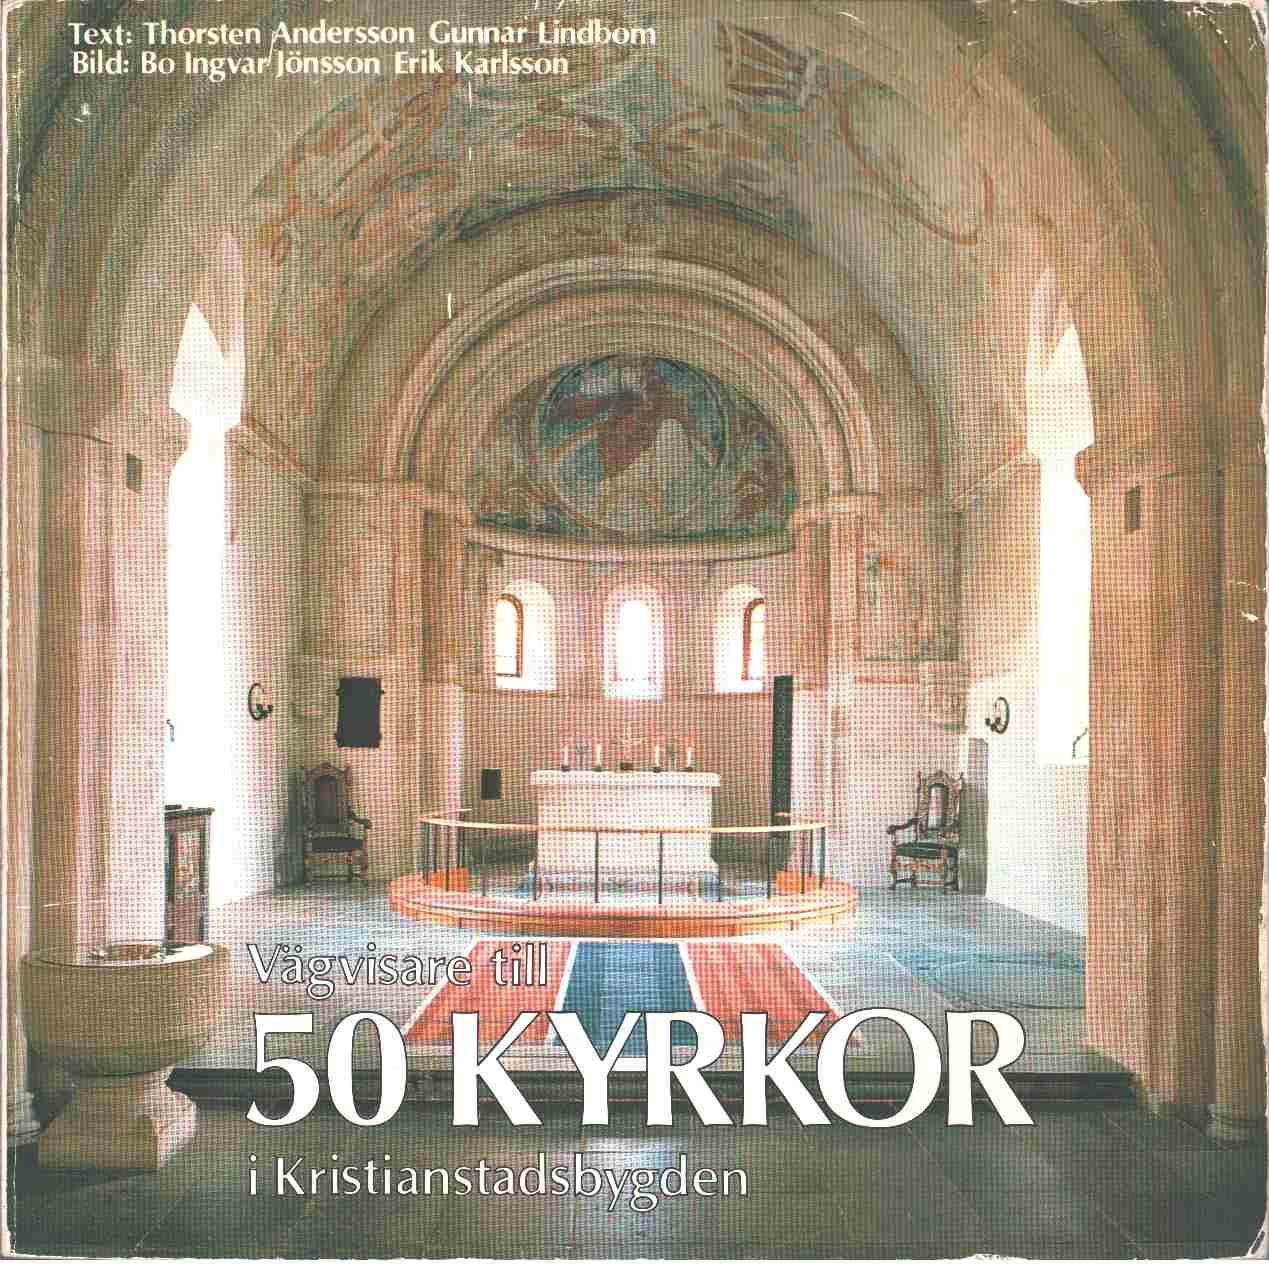 Vägvisare till 50 kyrkor i Kristianstadsbygden - Andersson, Thorsten och Lindbom, Gunnar S.